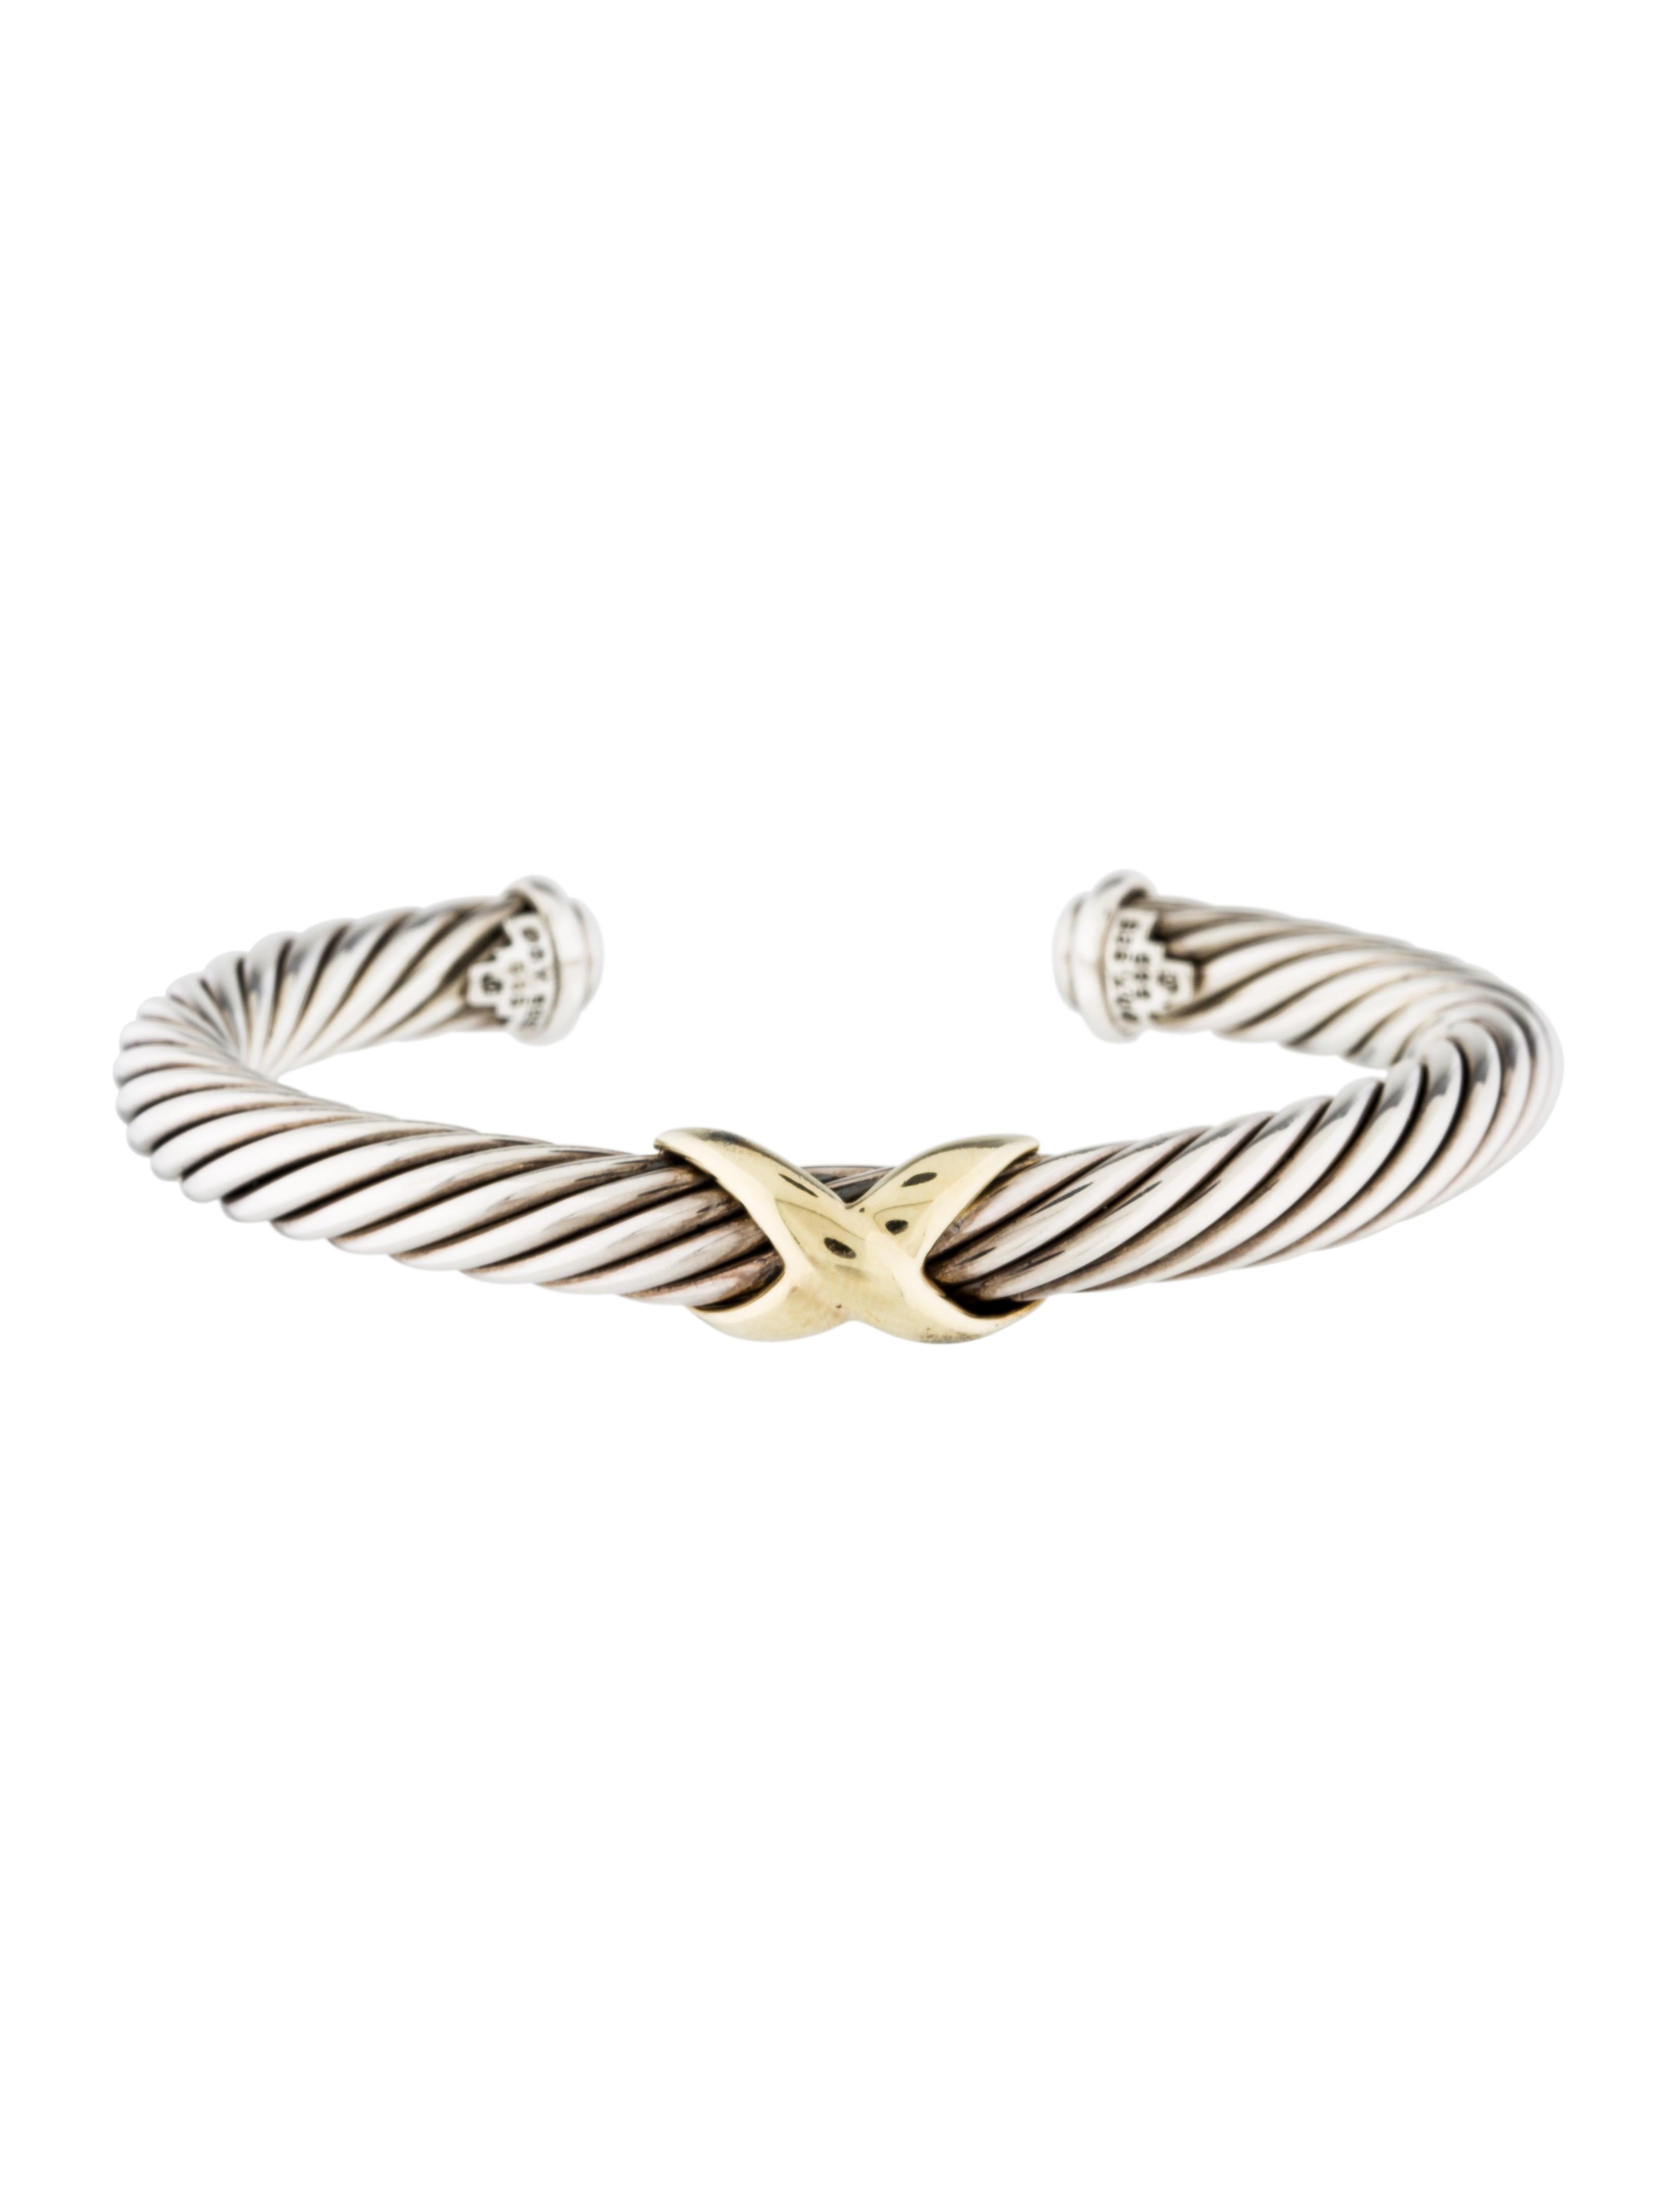 David Yurman 7mm X Bracelet Bracelets Dvy38055 The